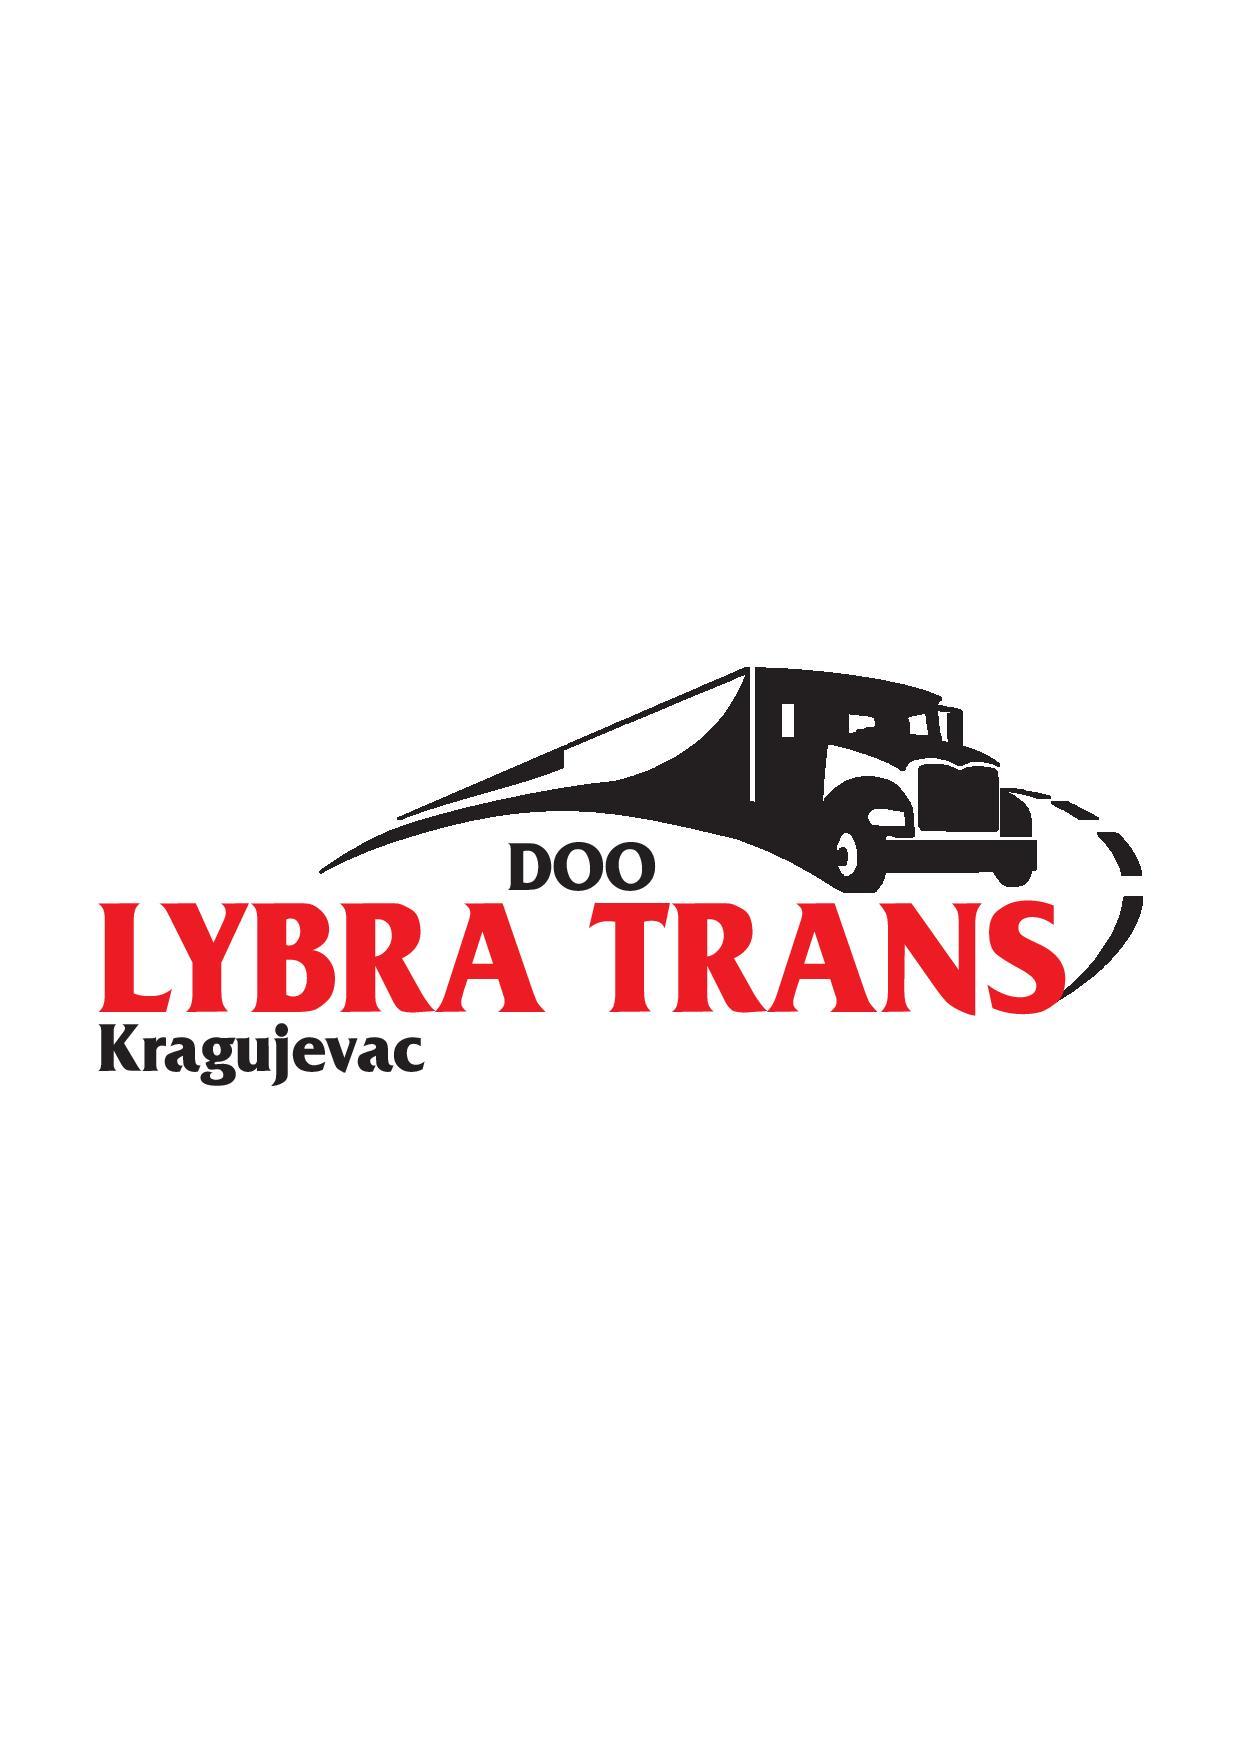 Lybra Trans d.o.o.